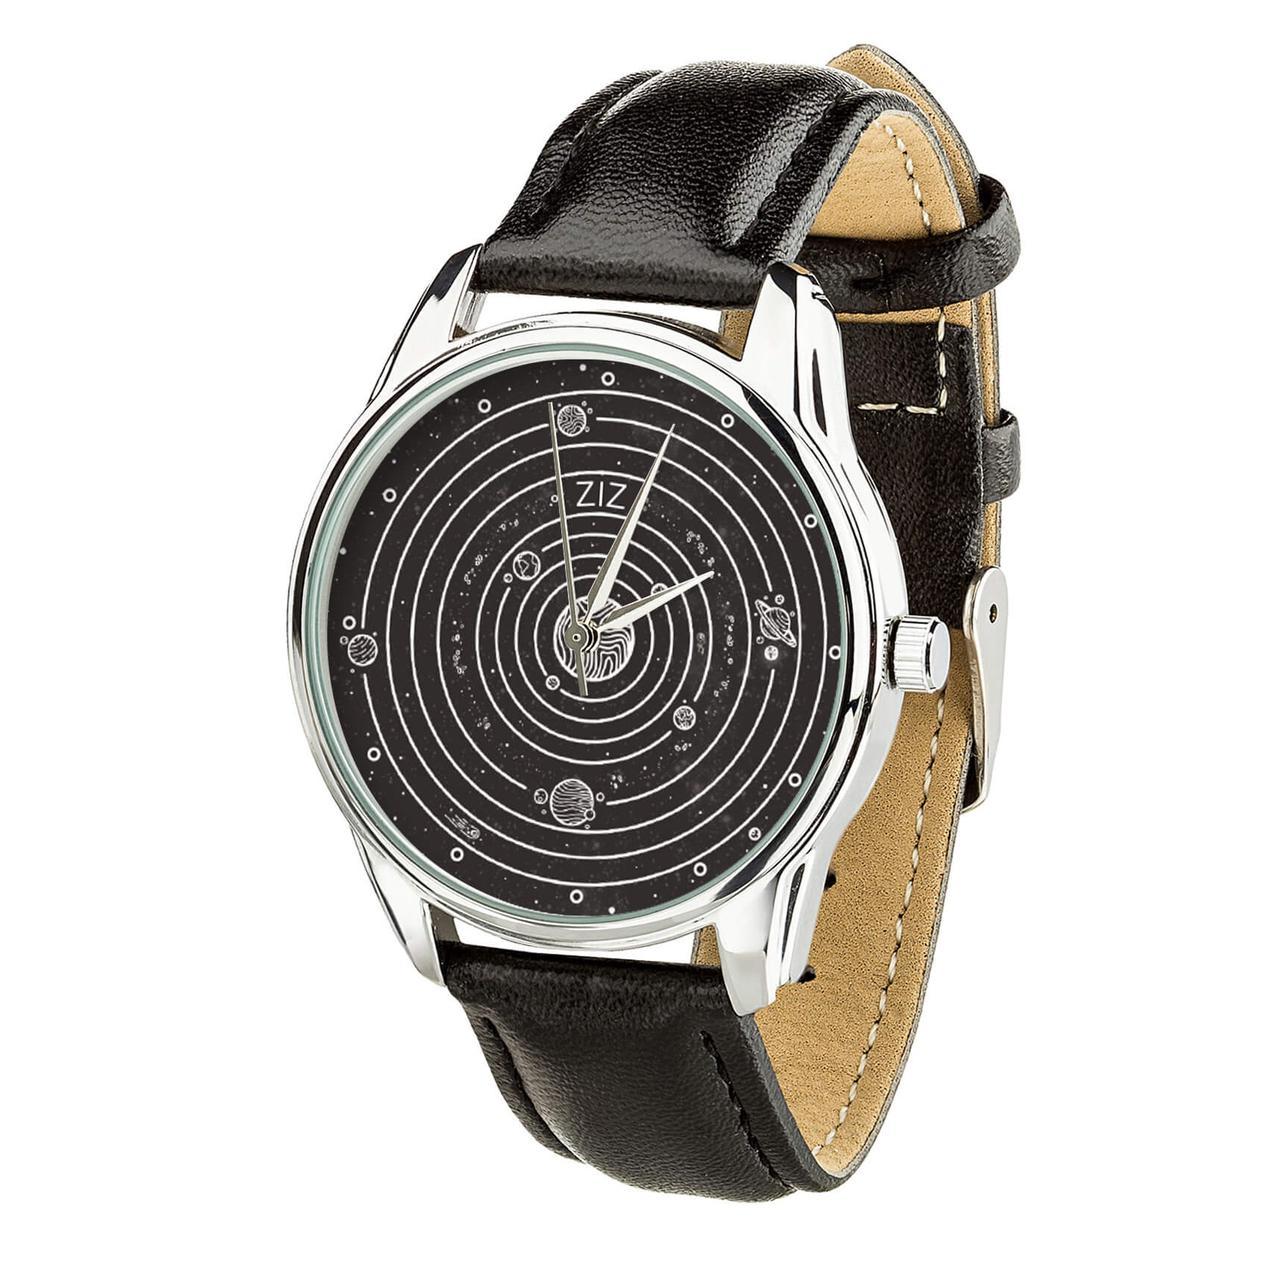 Годинник ZIZ Планети (ремінець насичено - чорний, срібло) + додатковий ремінець